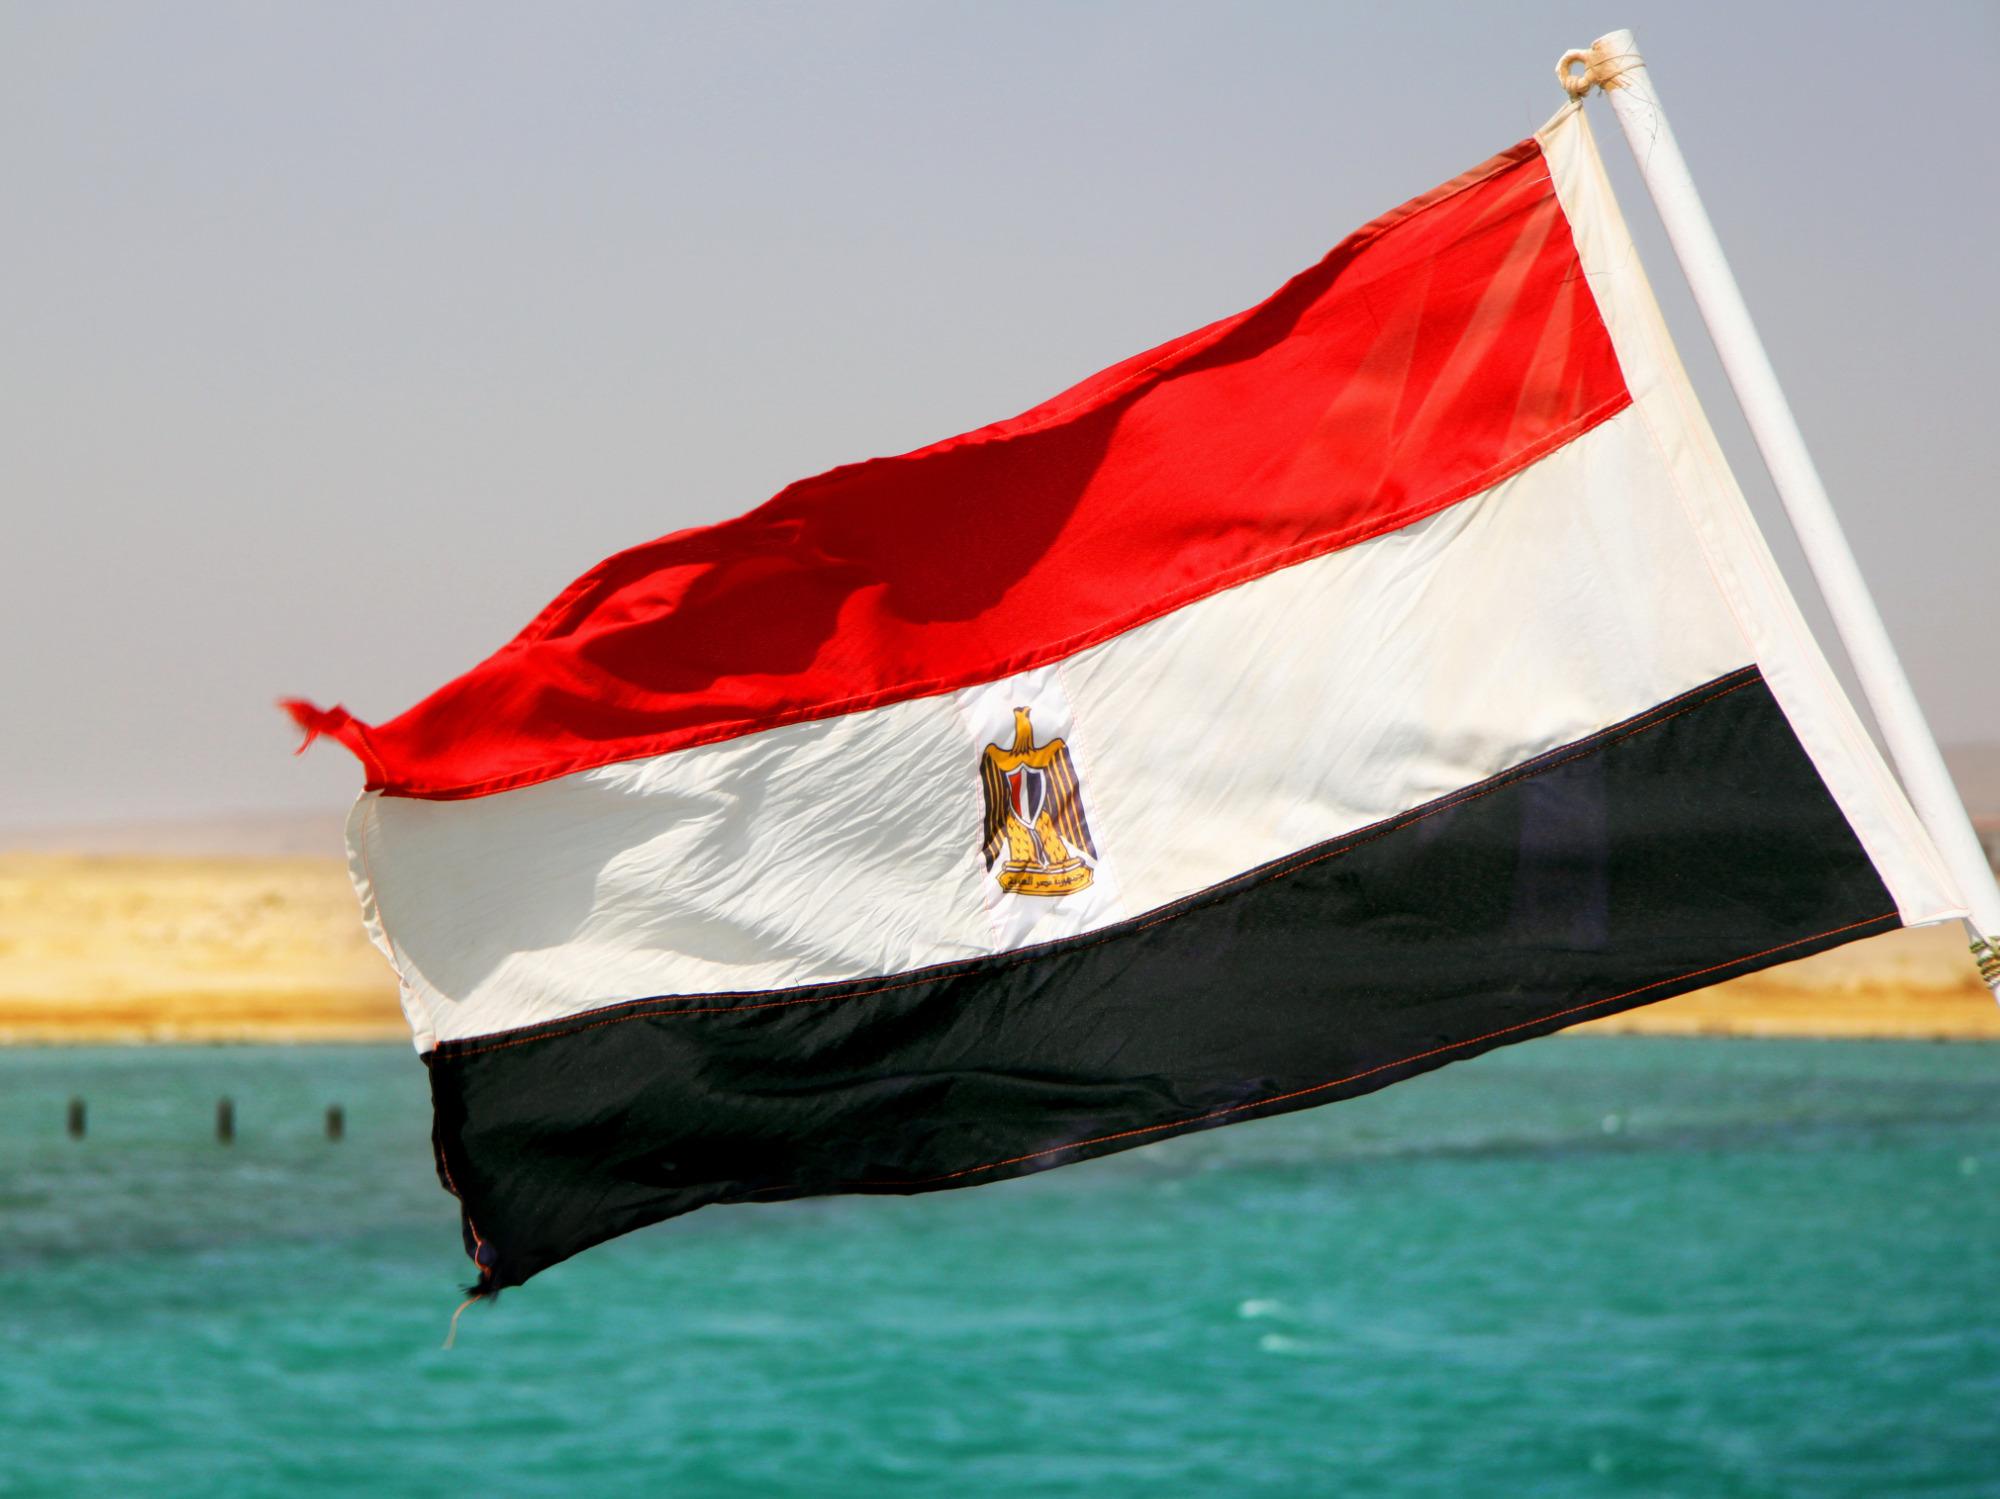 Unser Blick auf die Woche aus Ägypten